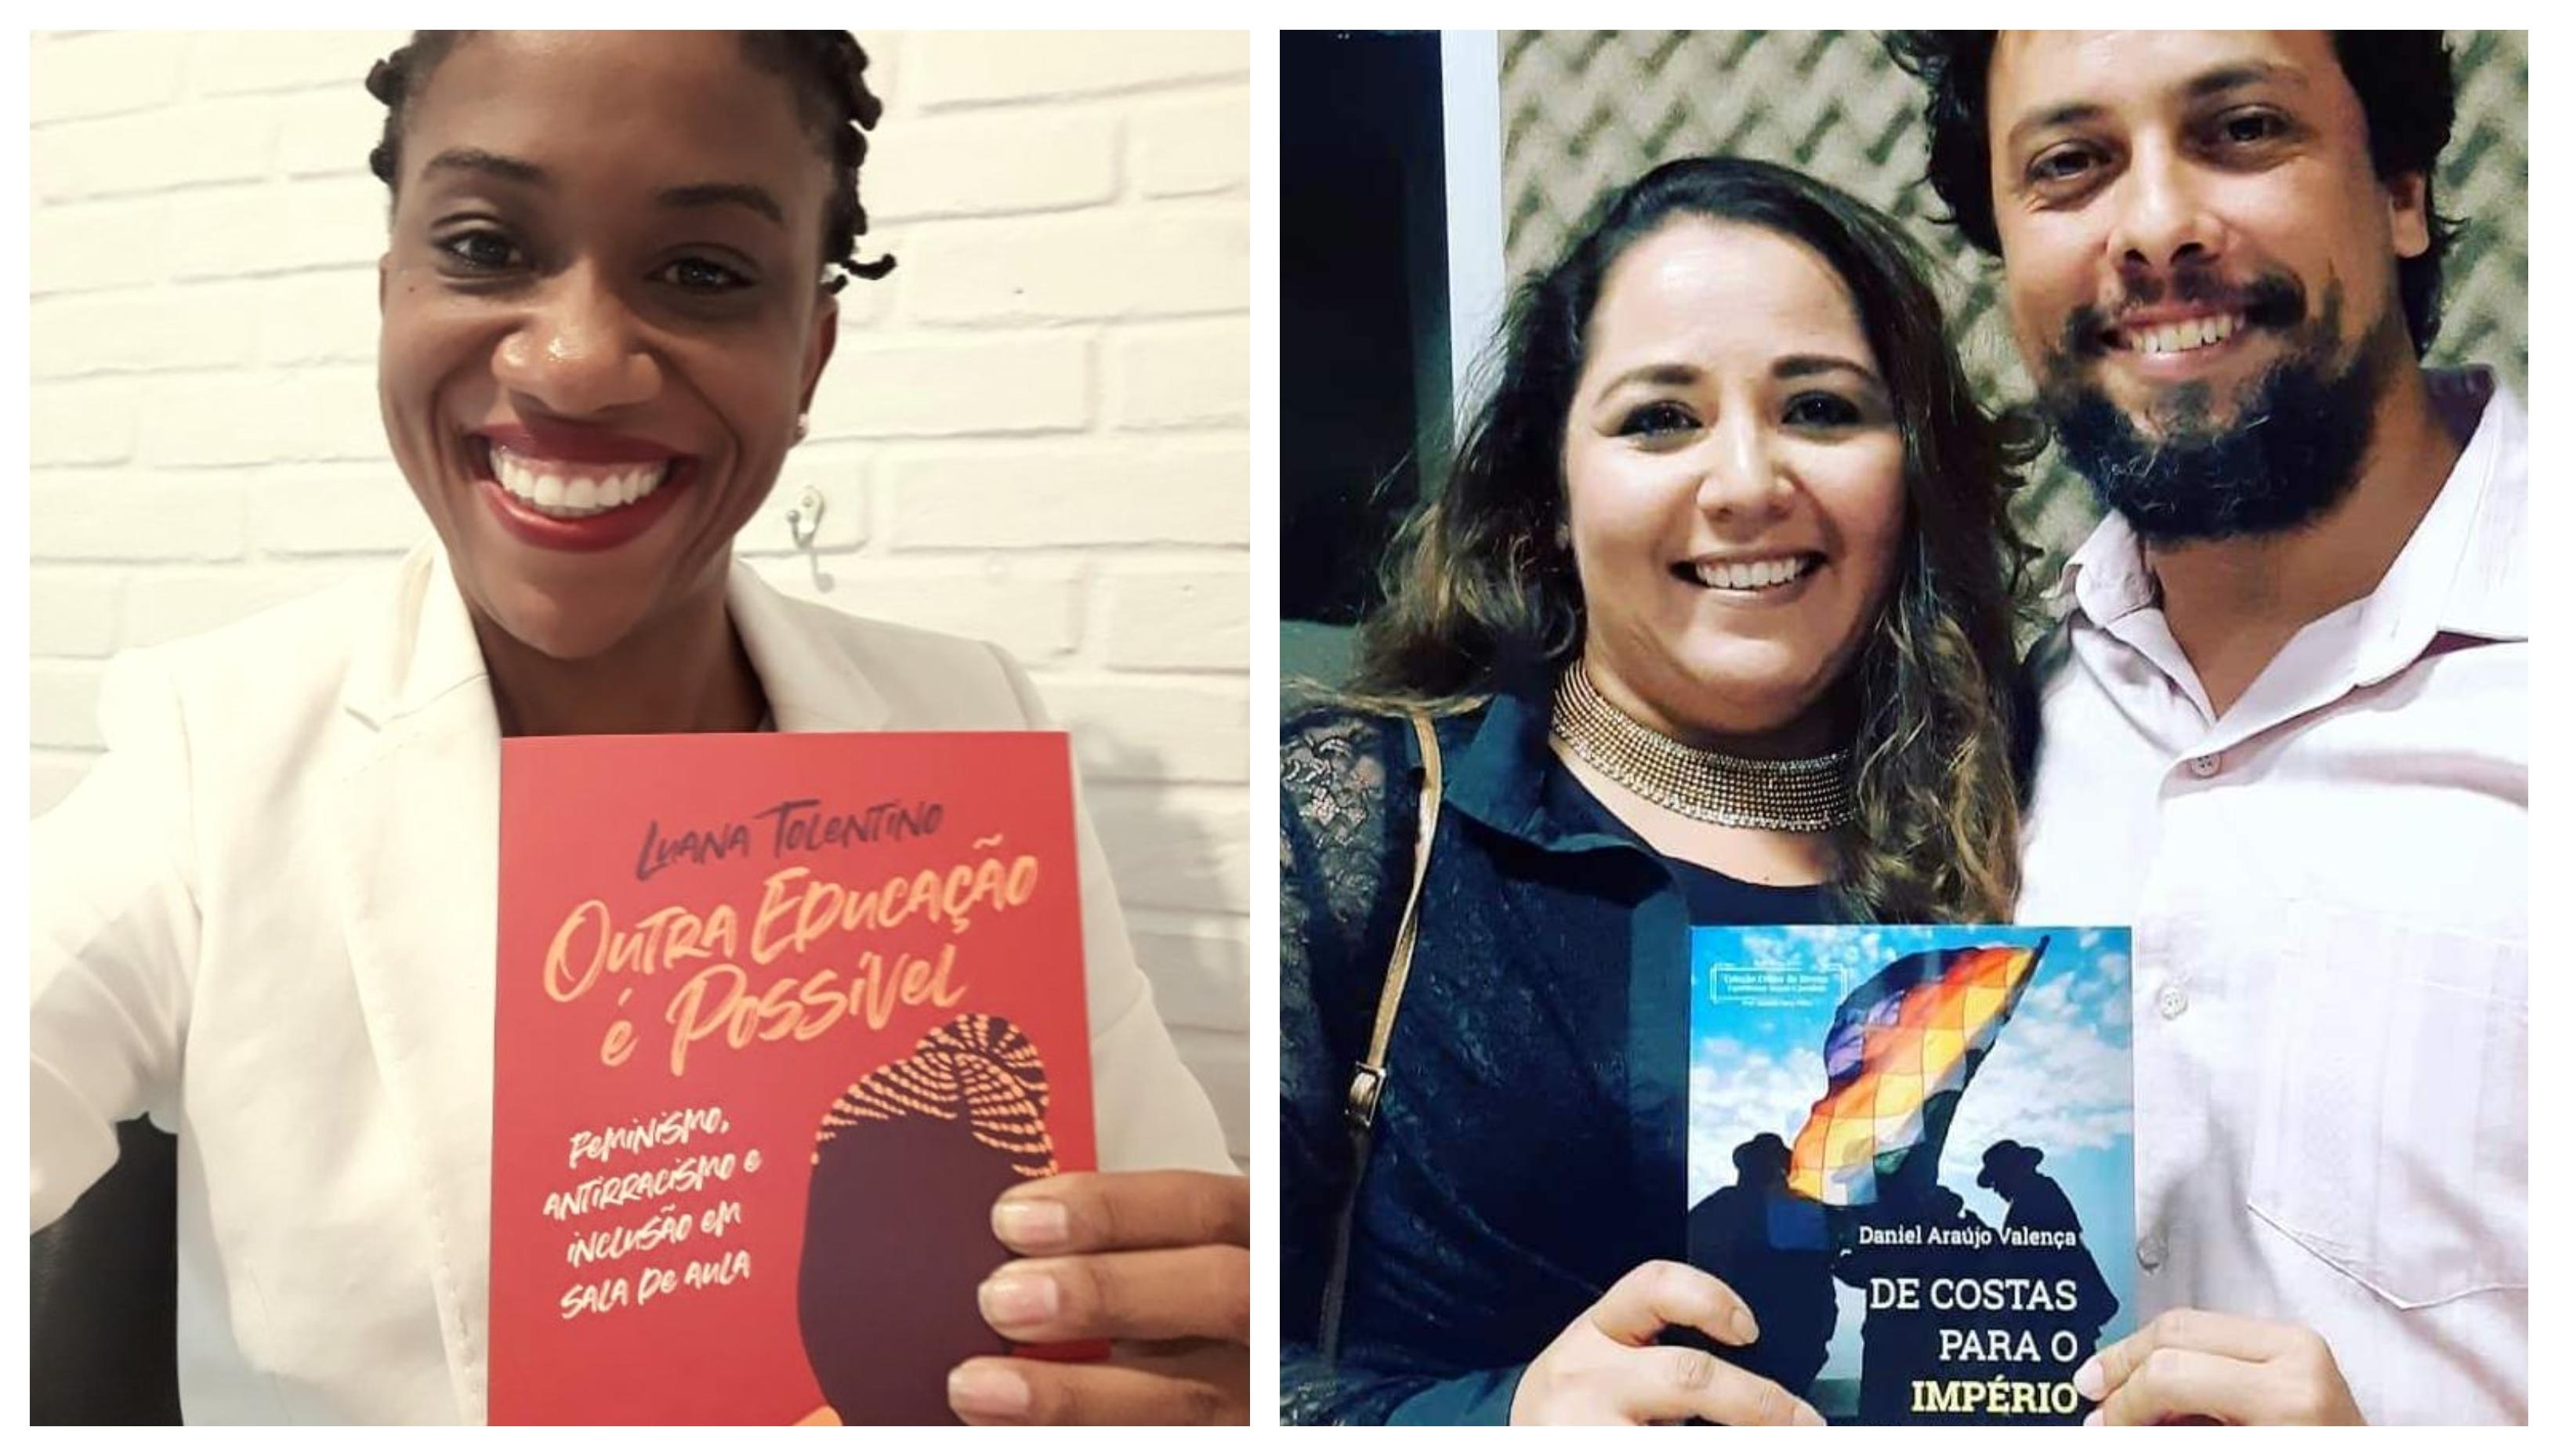 Luana Tolentino, em São Paulo, e Daniel Valença, em Natal, lançam livros nesta sexta-feira